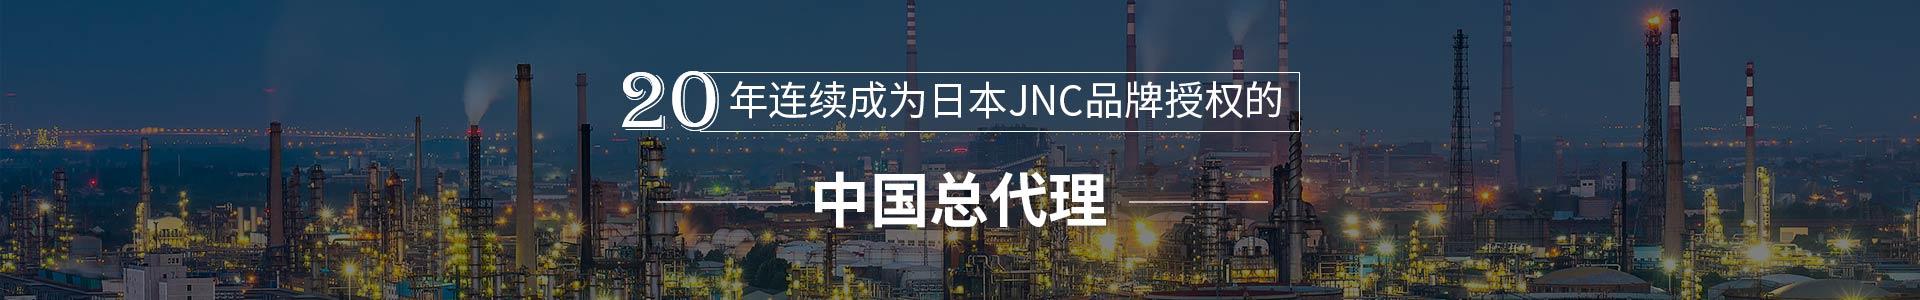 齐腾净化20年连续成为日本JNC品牌中国总代理